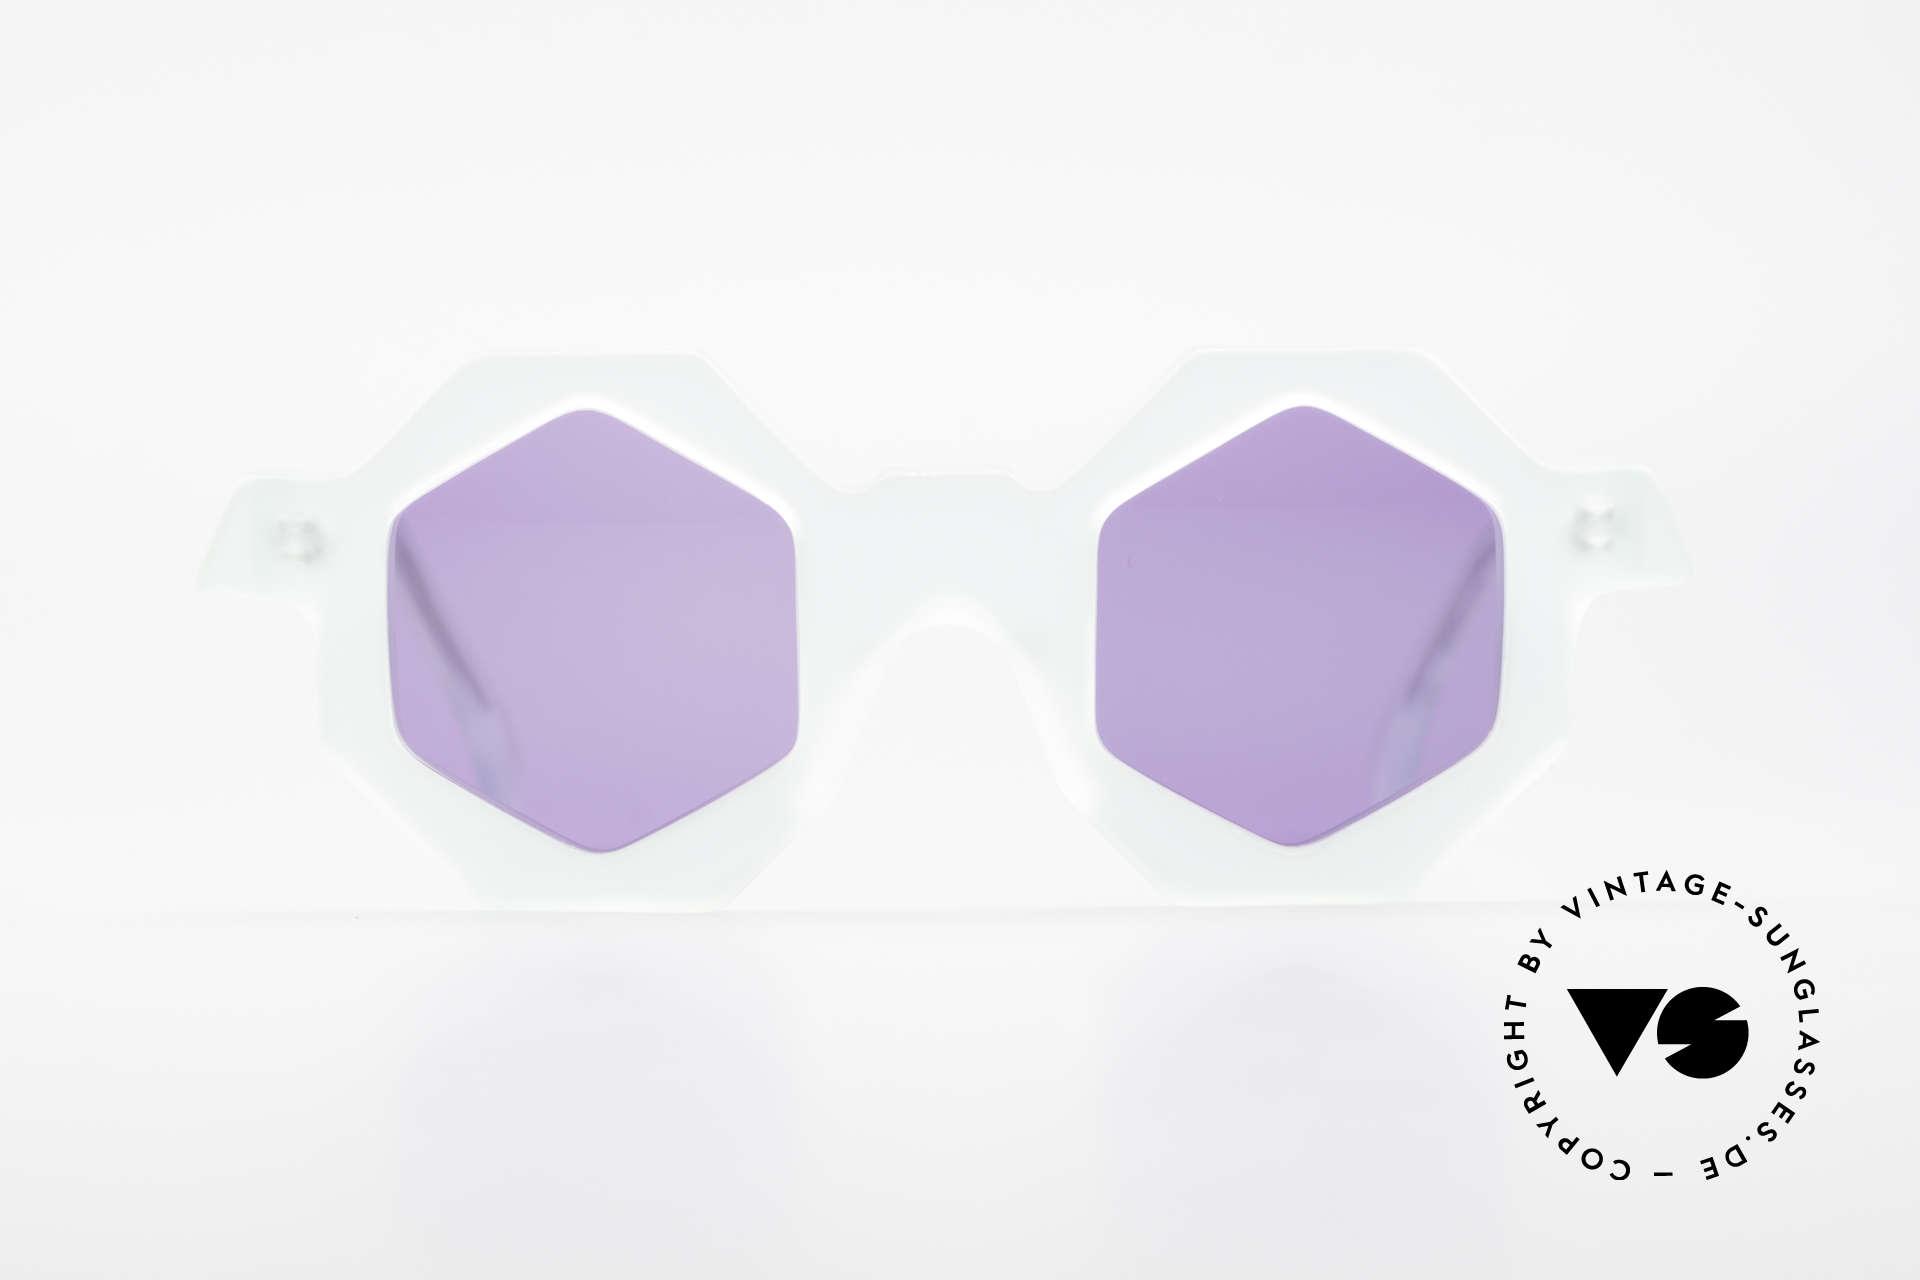 Alain Mikli 0157 / 932 Sechseckige Sonnenbrille 80er, einzigartige hexagonale (sechseckige) Fassung, Passend für Damen